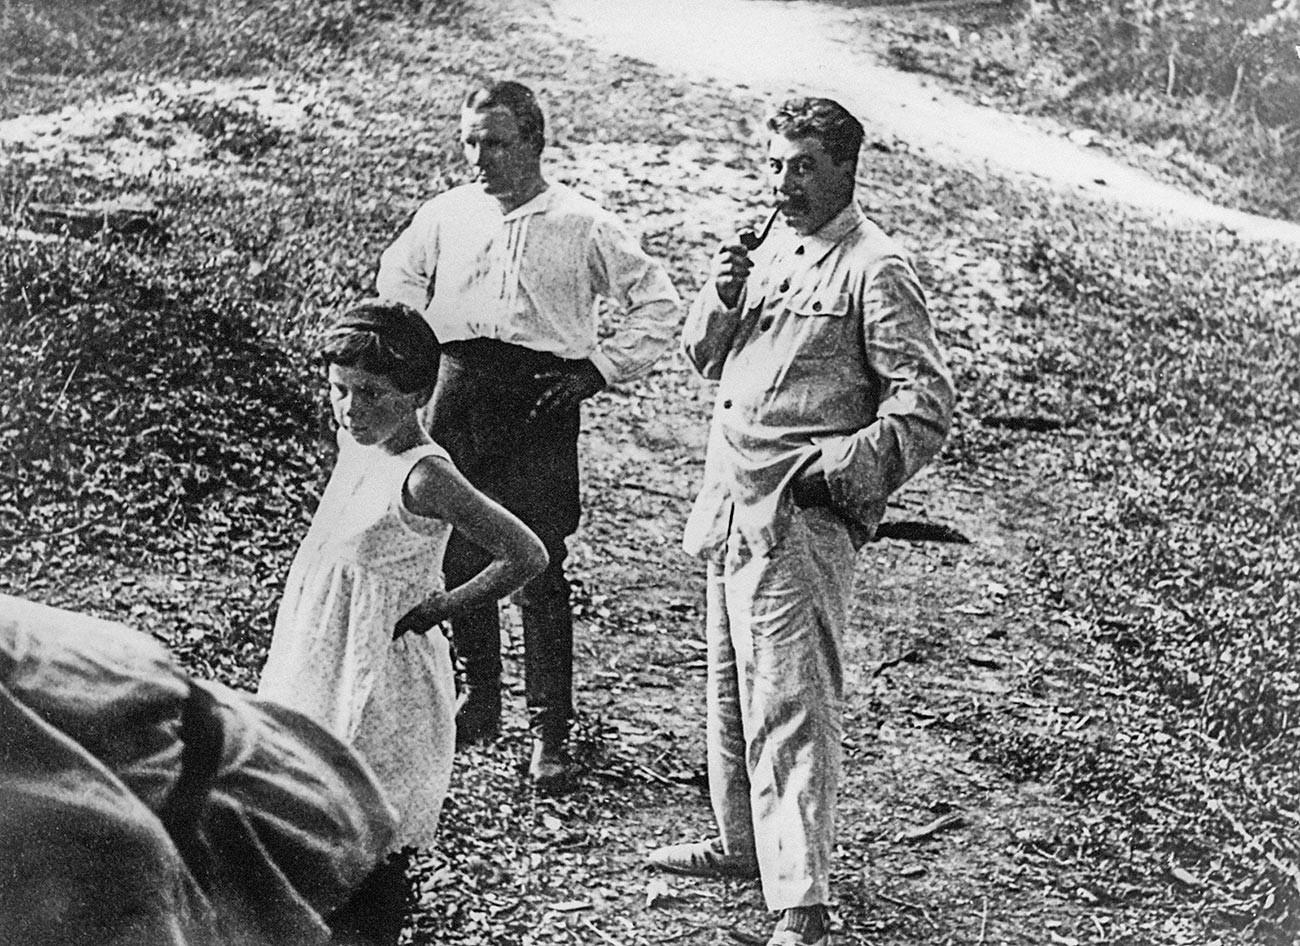 Stálin, Serguêi Kirov e a filha de Stálin, Svetlana, anos 1930